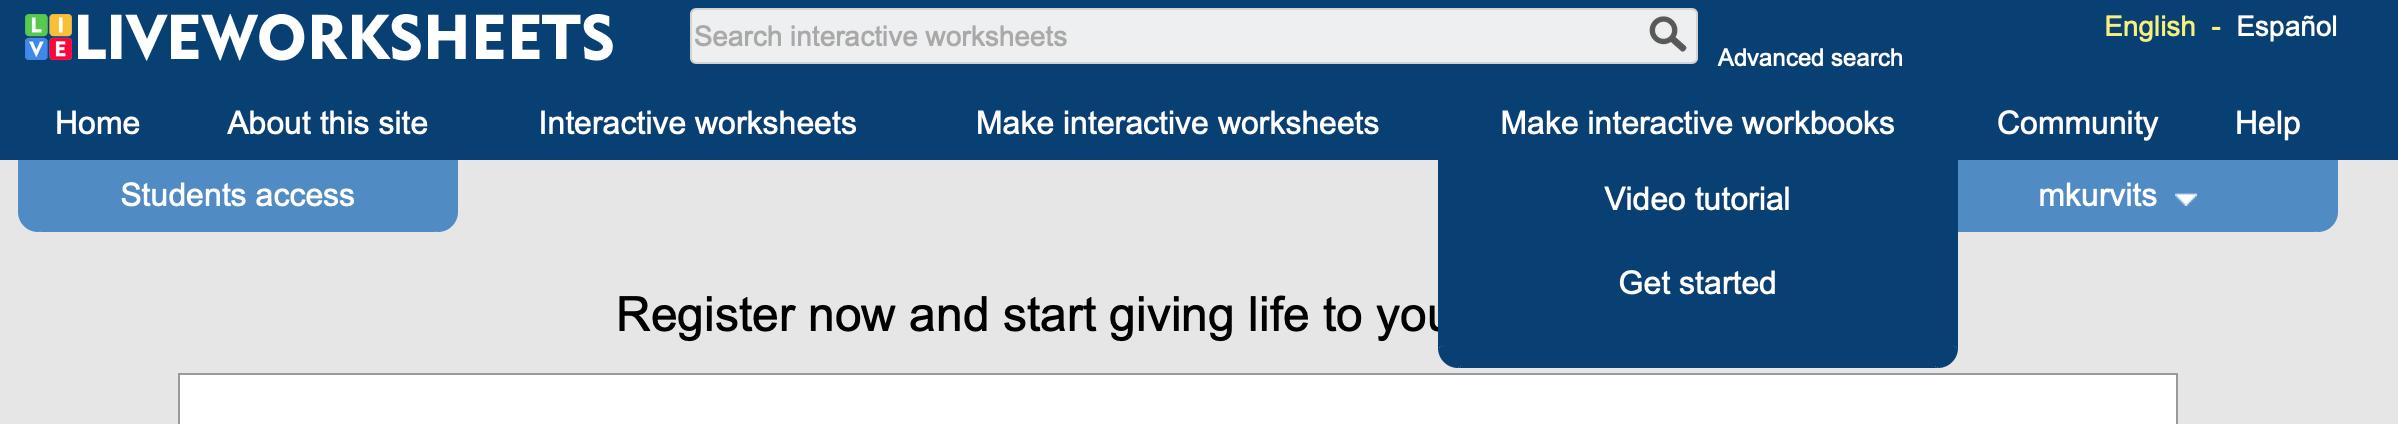 Live Worksheets: превратите свои текстовые файлы и картинки в интерактивные материалы